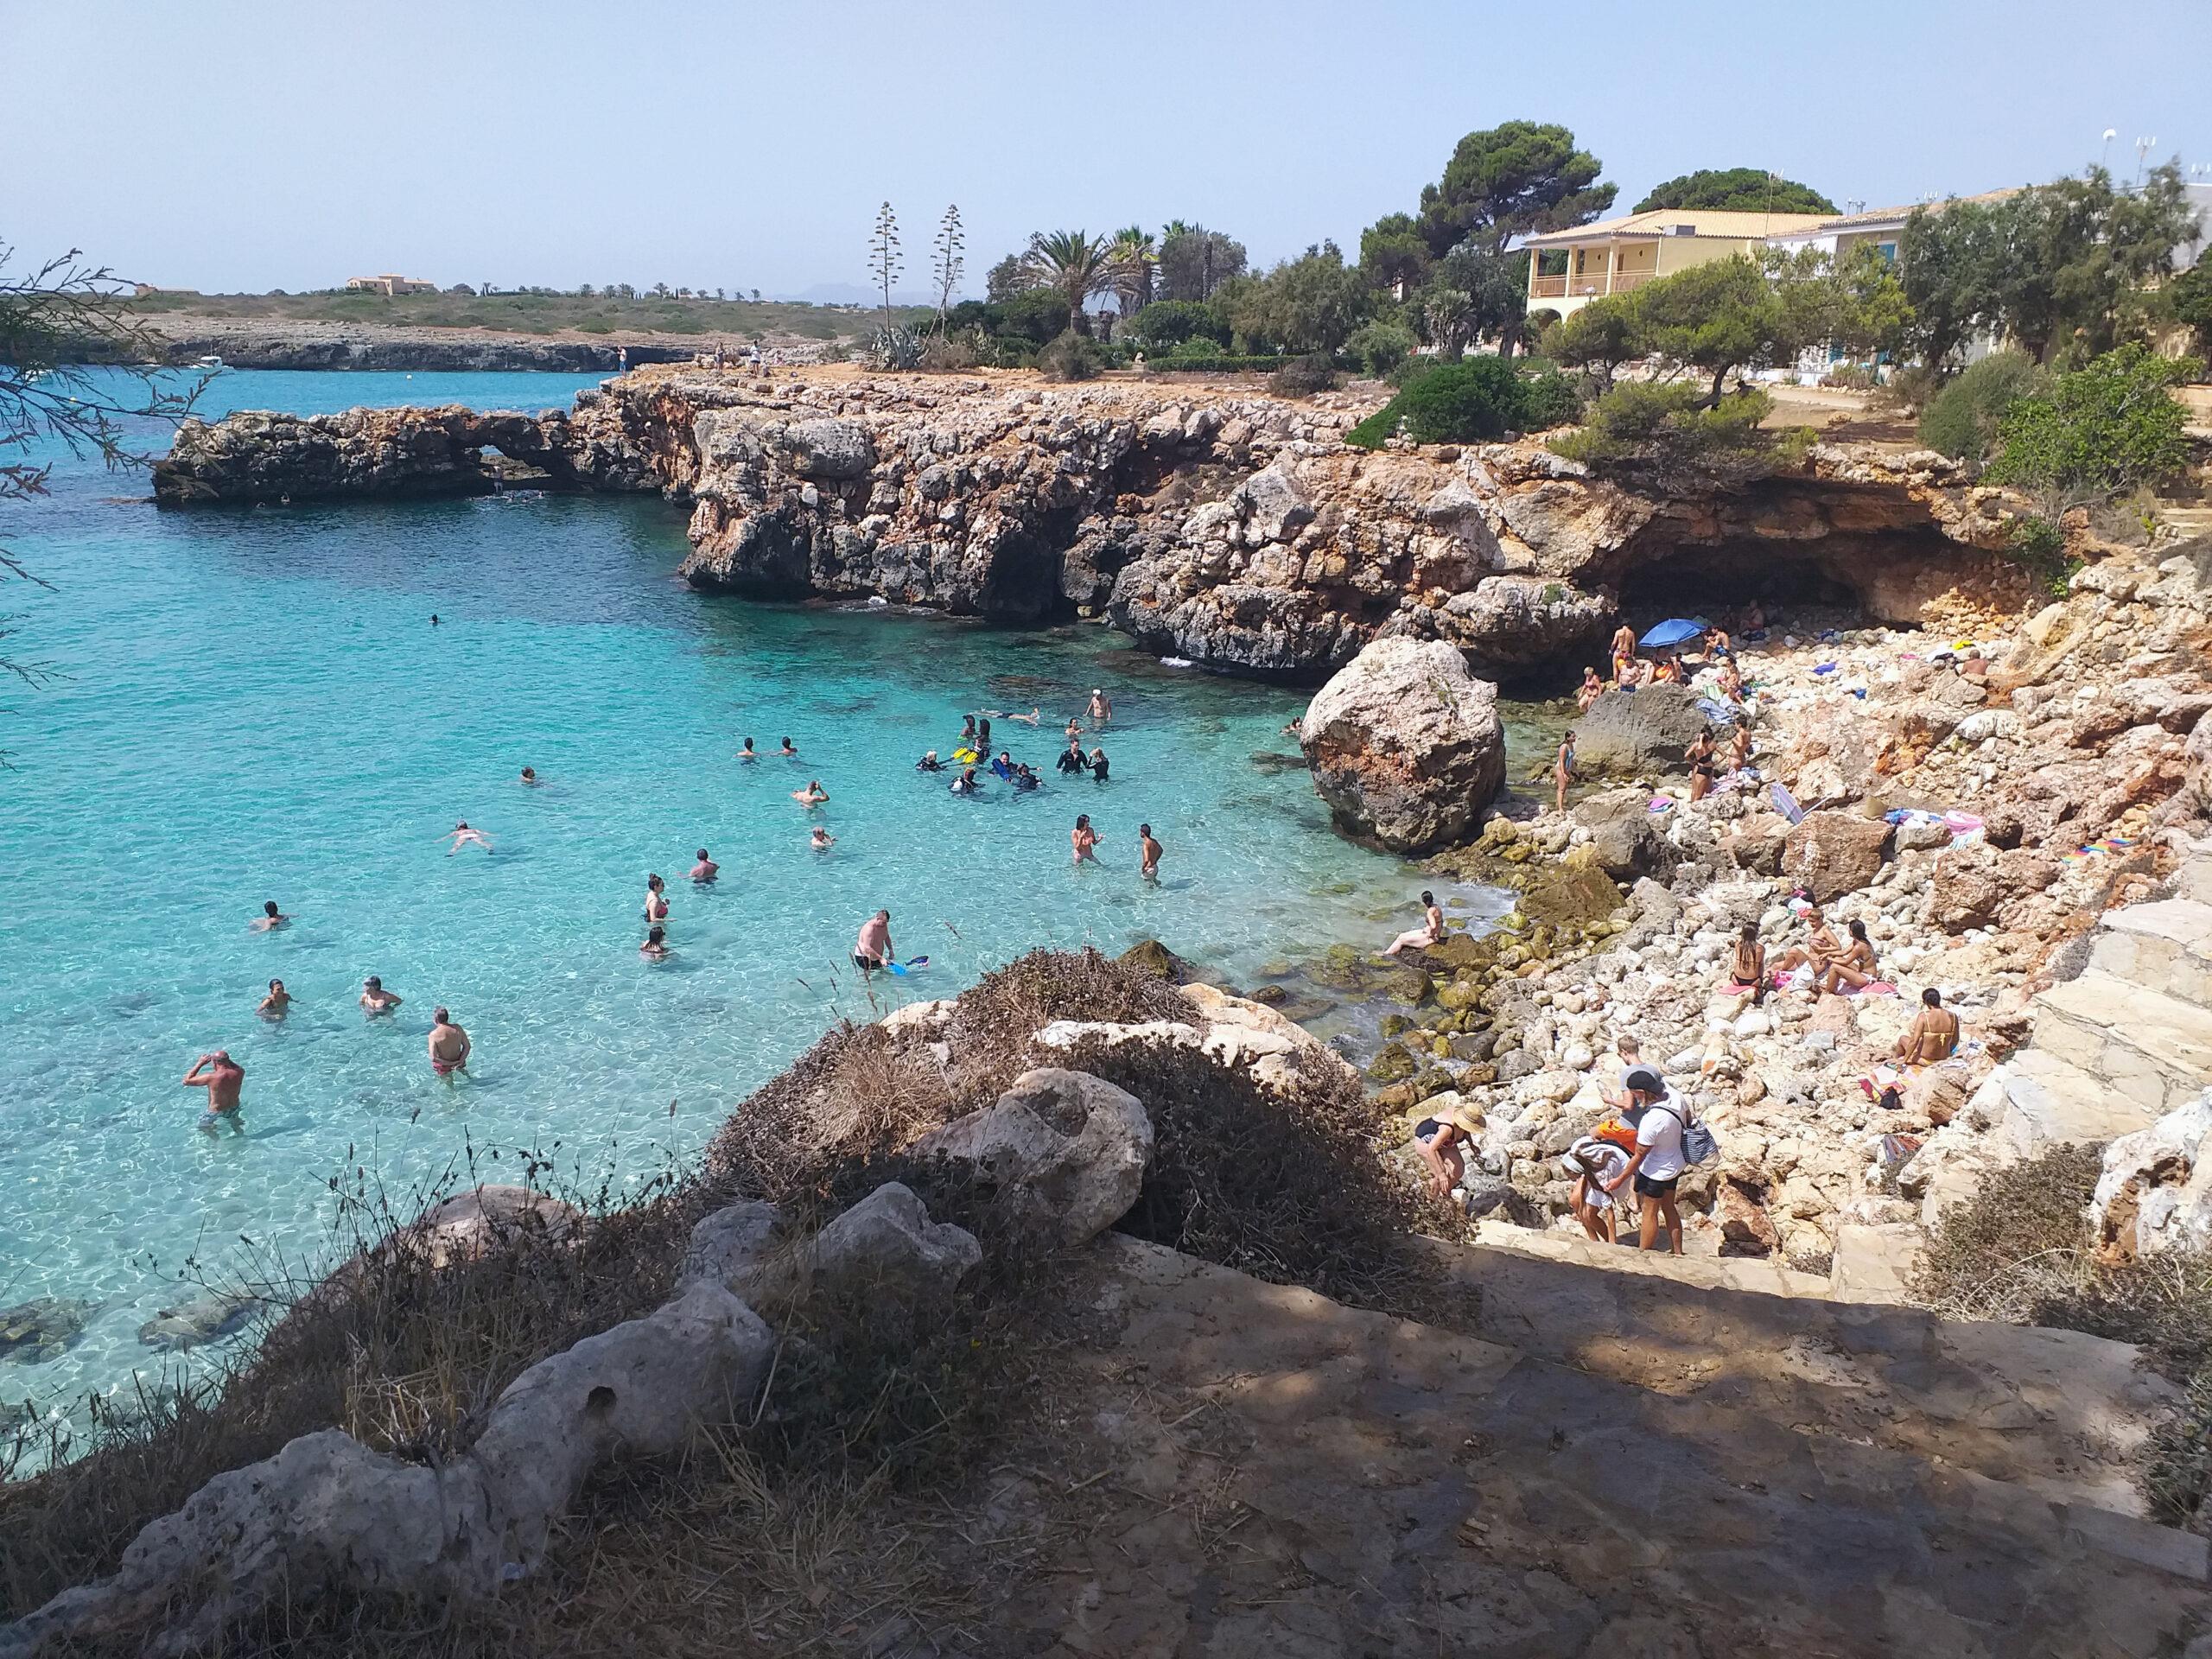 Alquiler de bicicletas Mallorca. Playa de Cala Morlanda. IMG